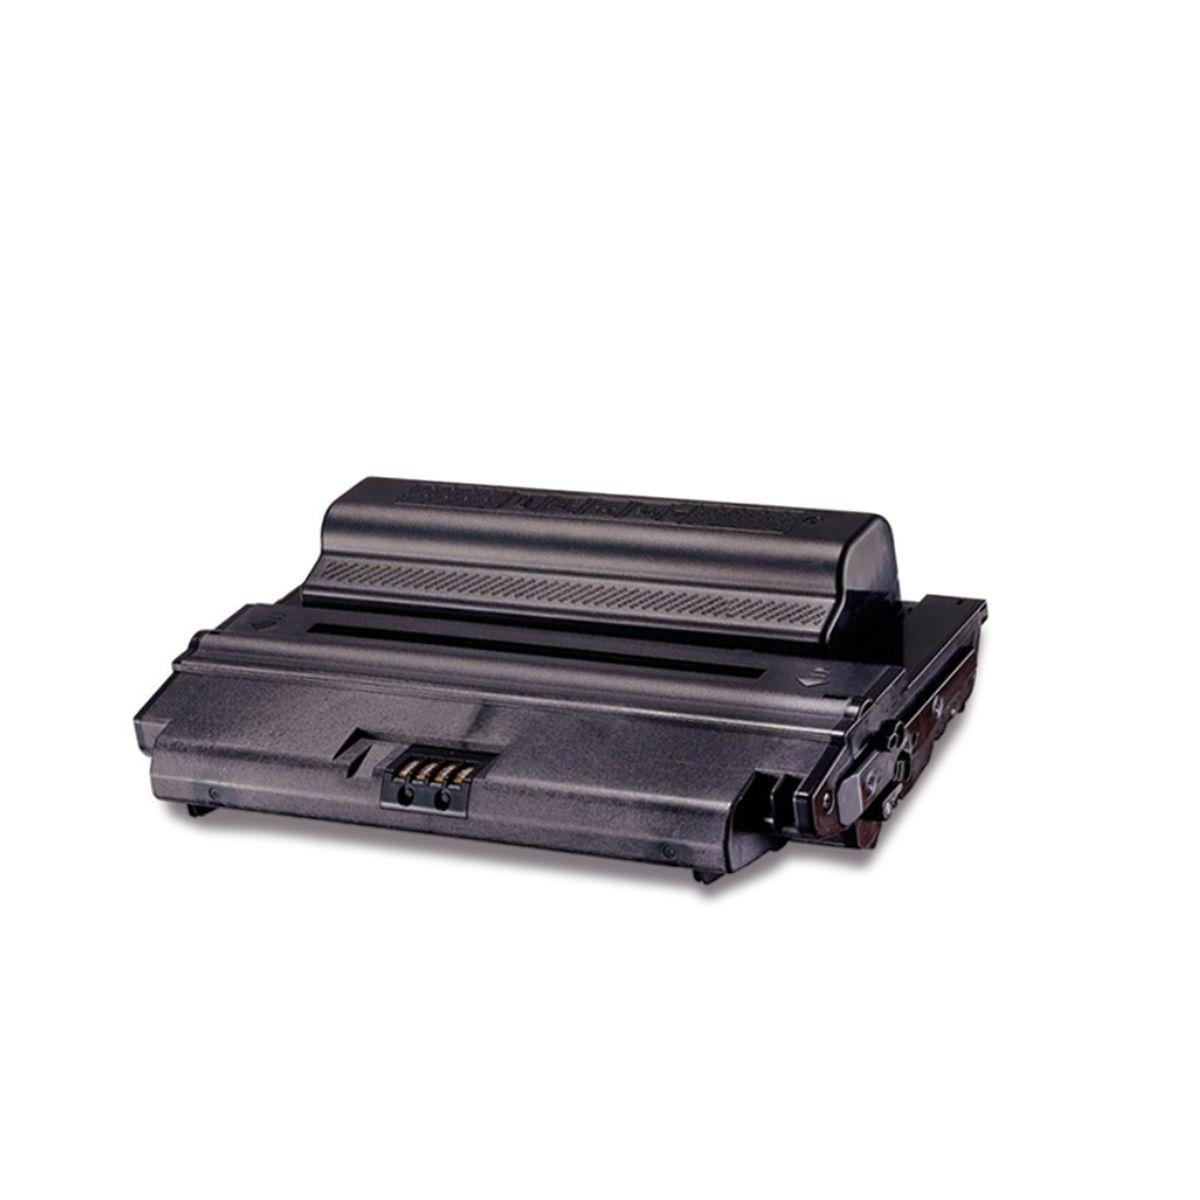 Toner compatível com XEROX PHASER 3428 3428D 3428DN Black 8.000 Páginas - Cartucho & Cia